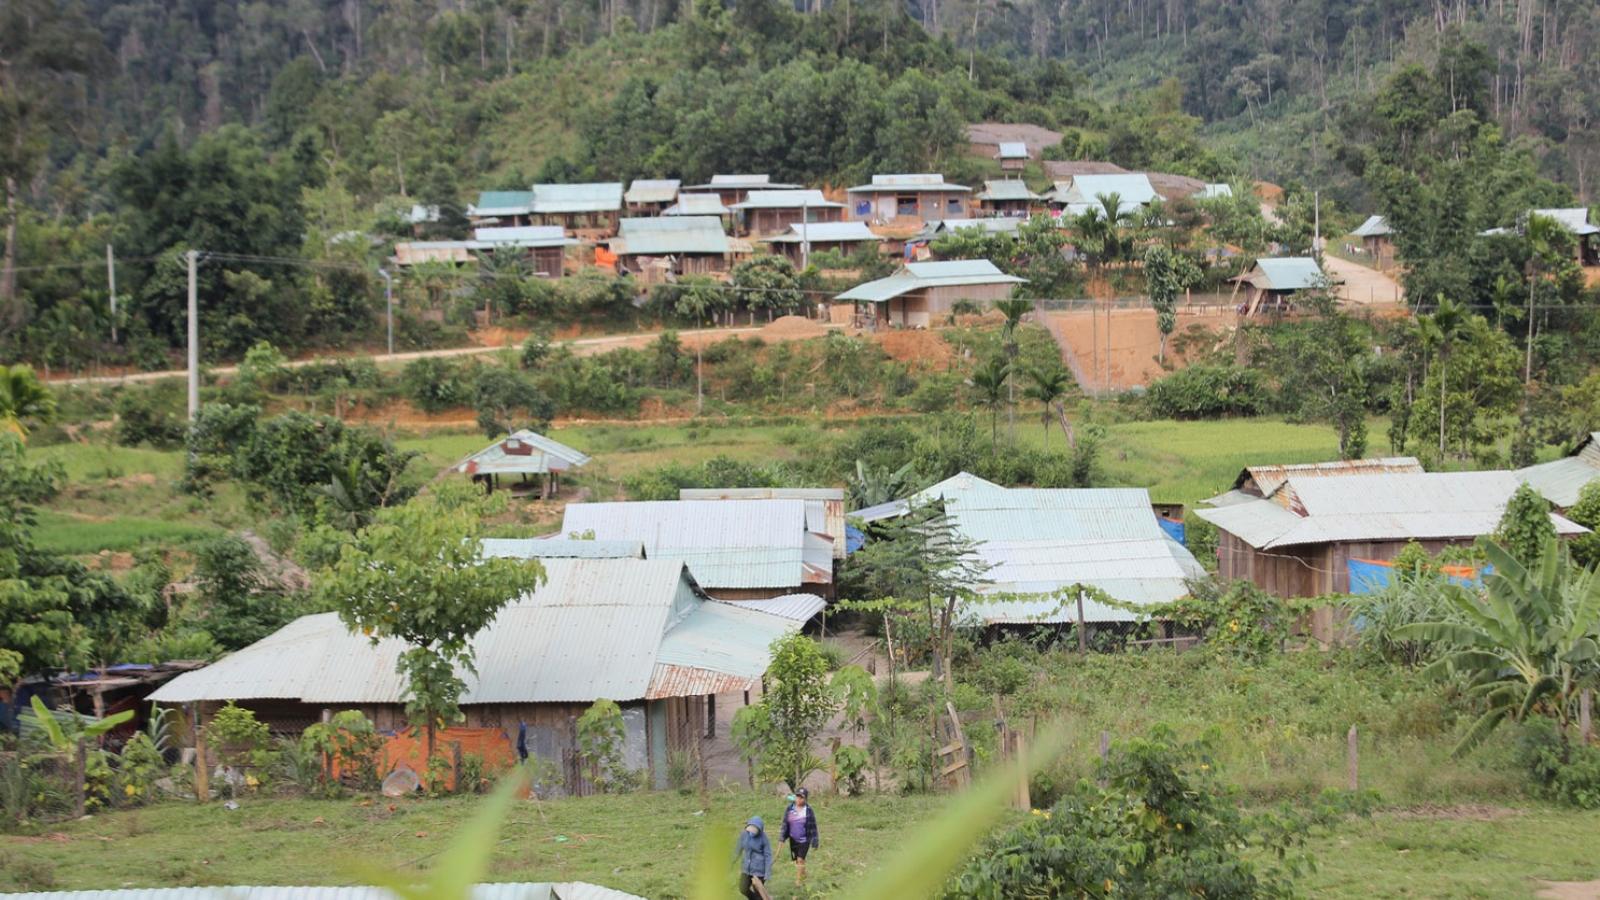 Ưu tiên sắp xếp lại dân cư vùng lở núi ở Quảng Nam